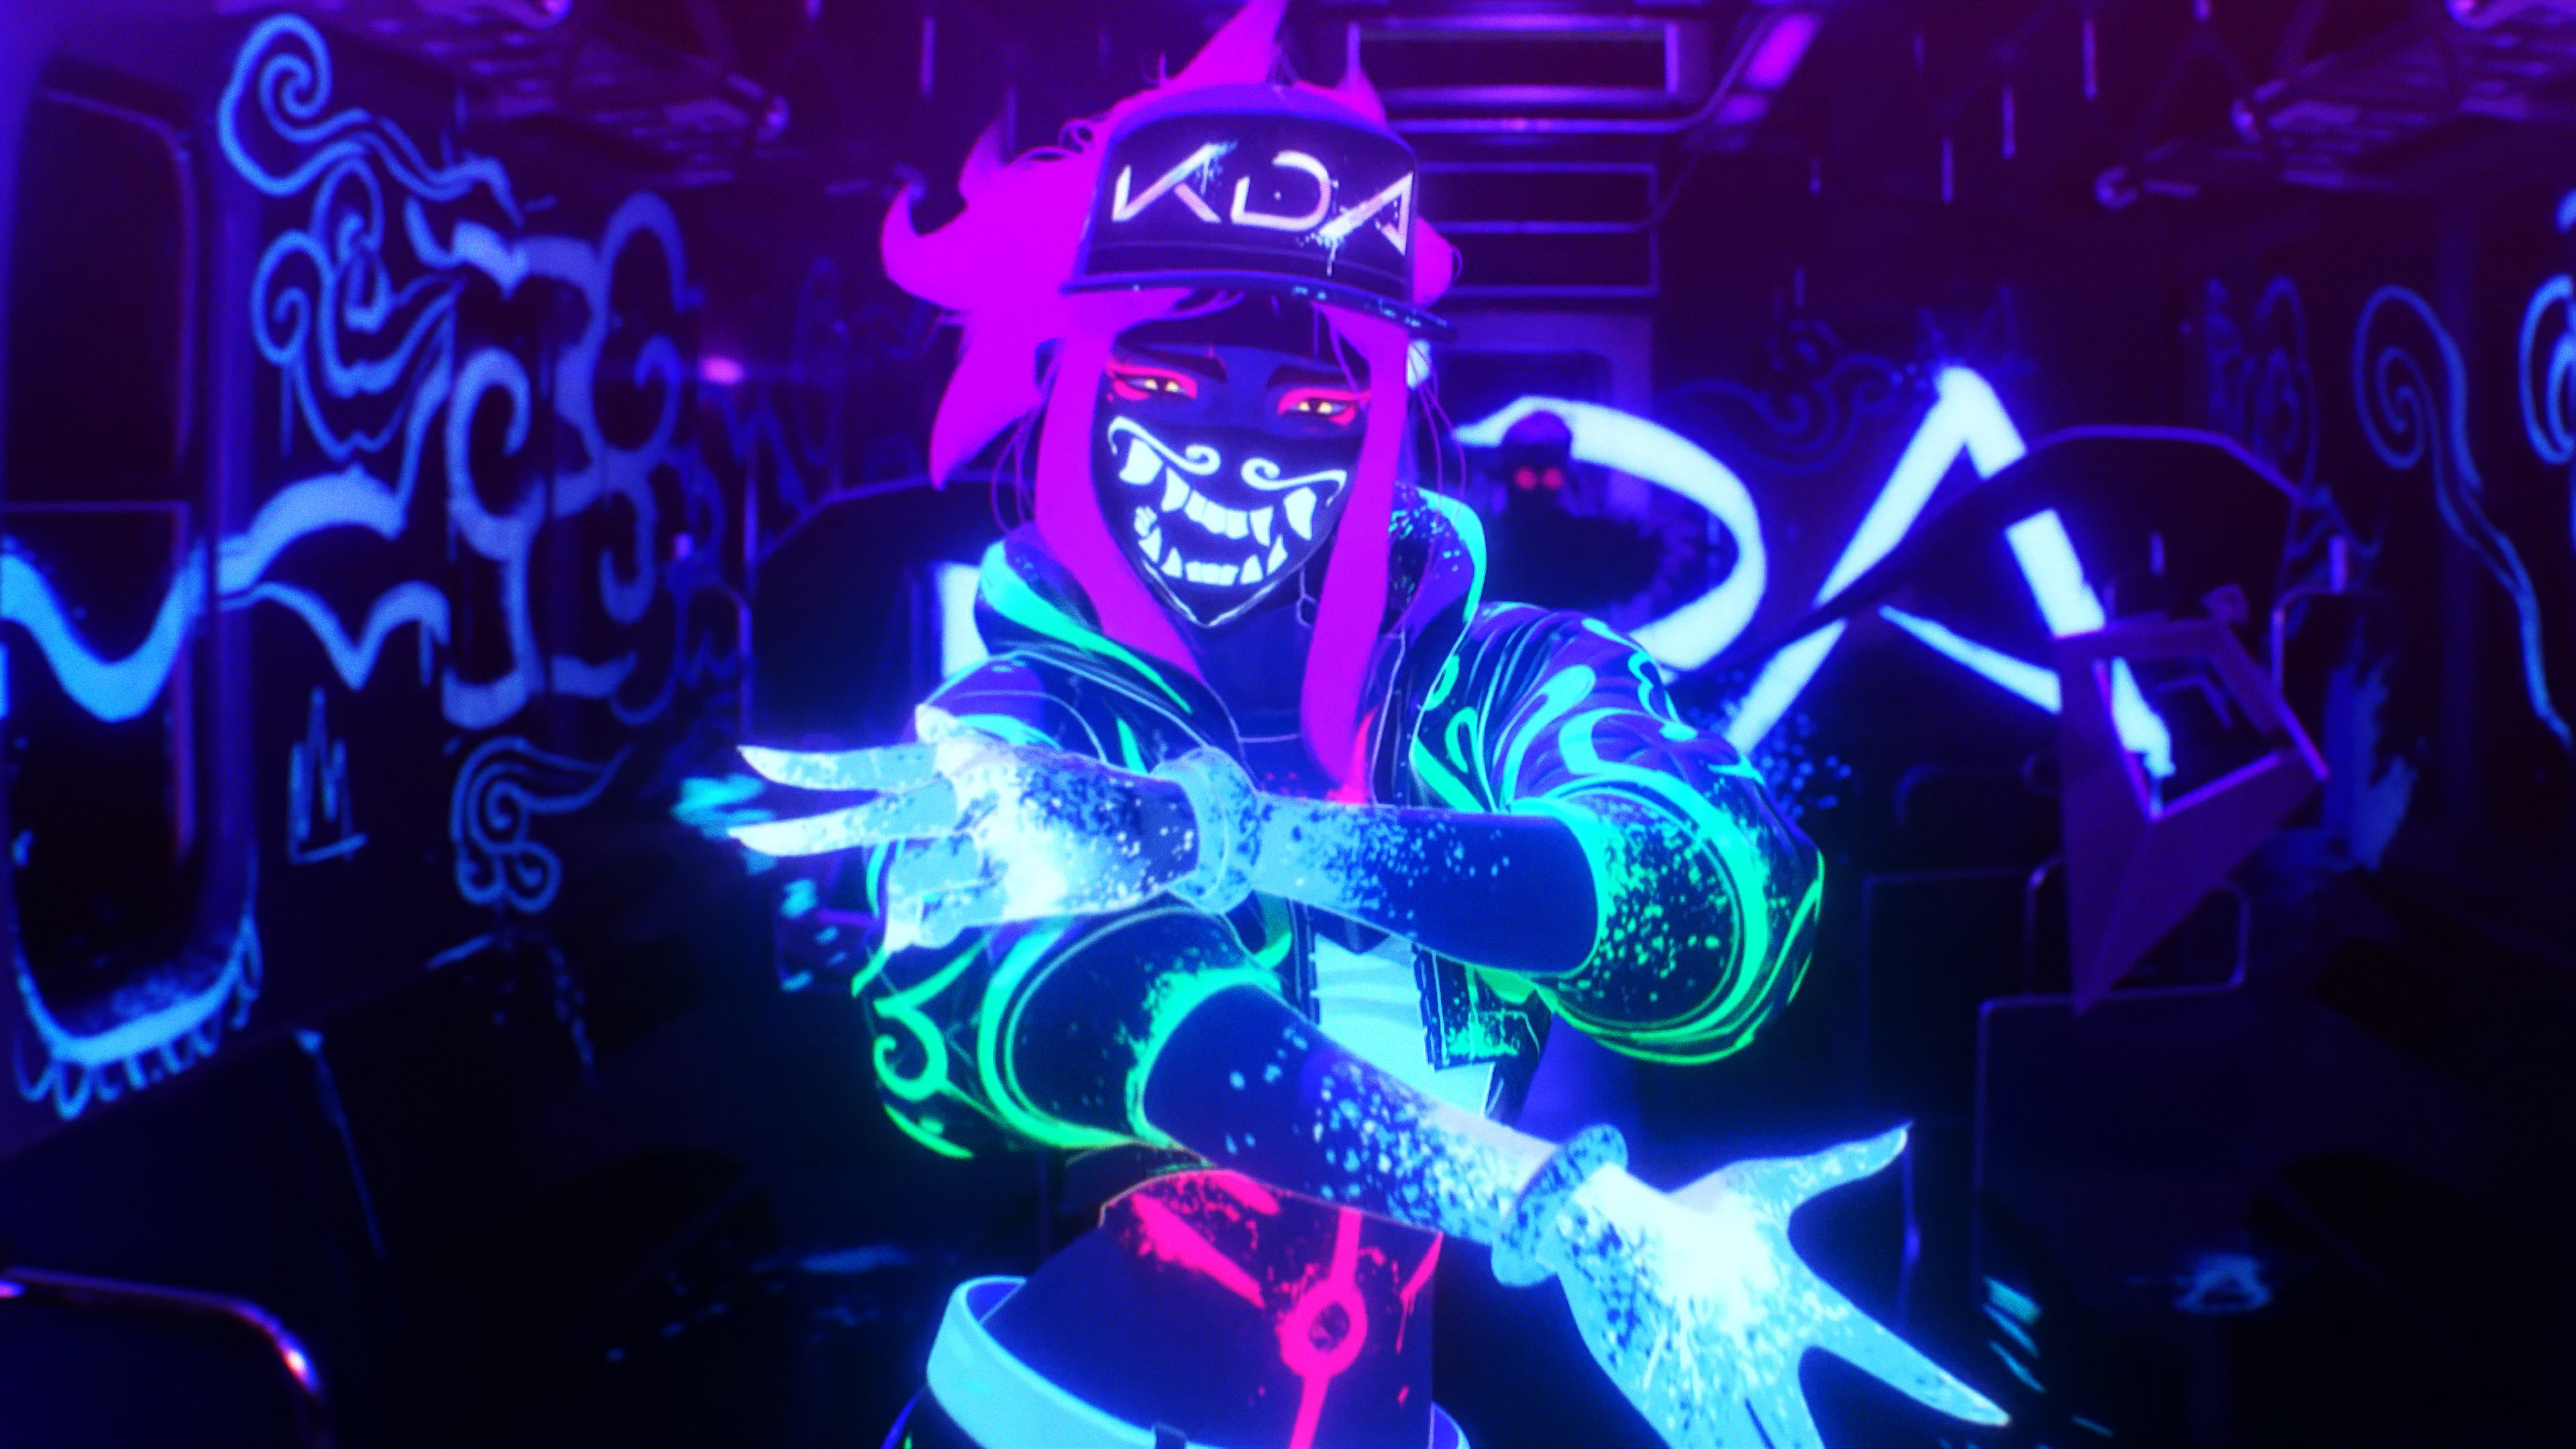 Wallpaper 4k K Da Pop Stars Neon Akali League Of Legends Lol Lol